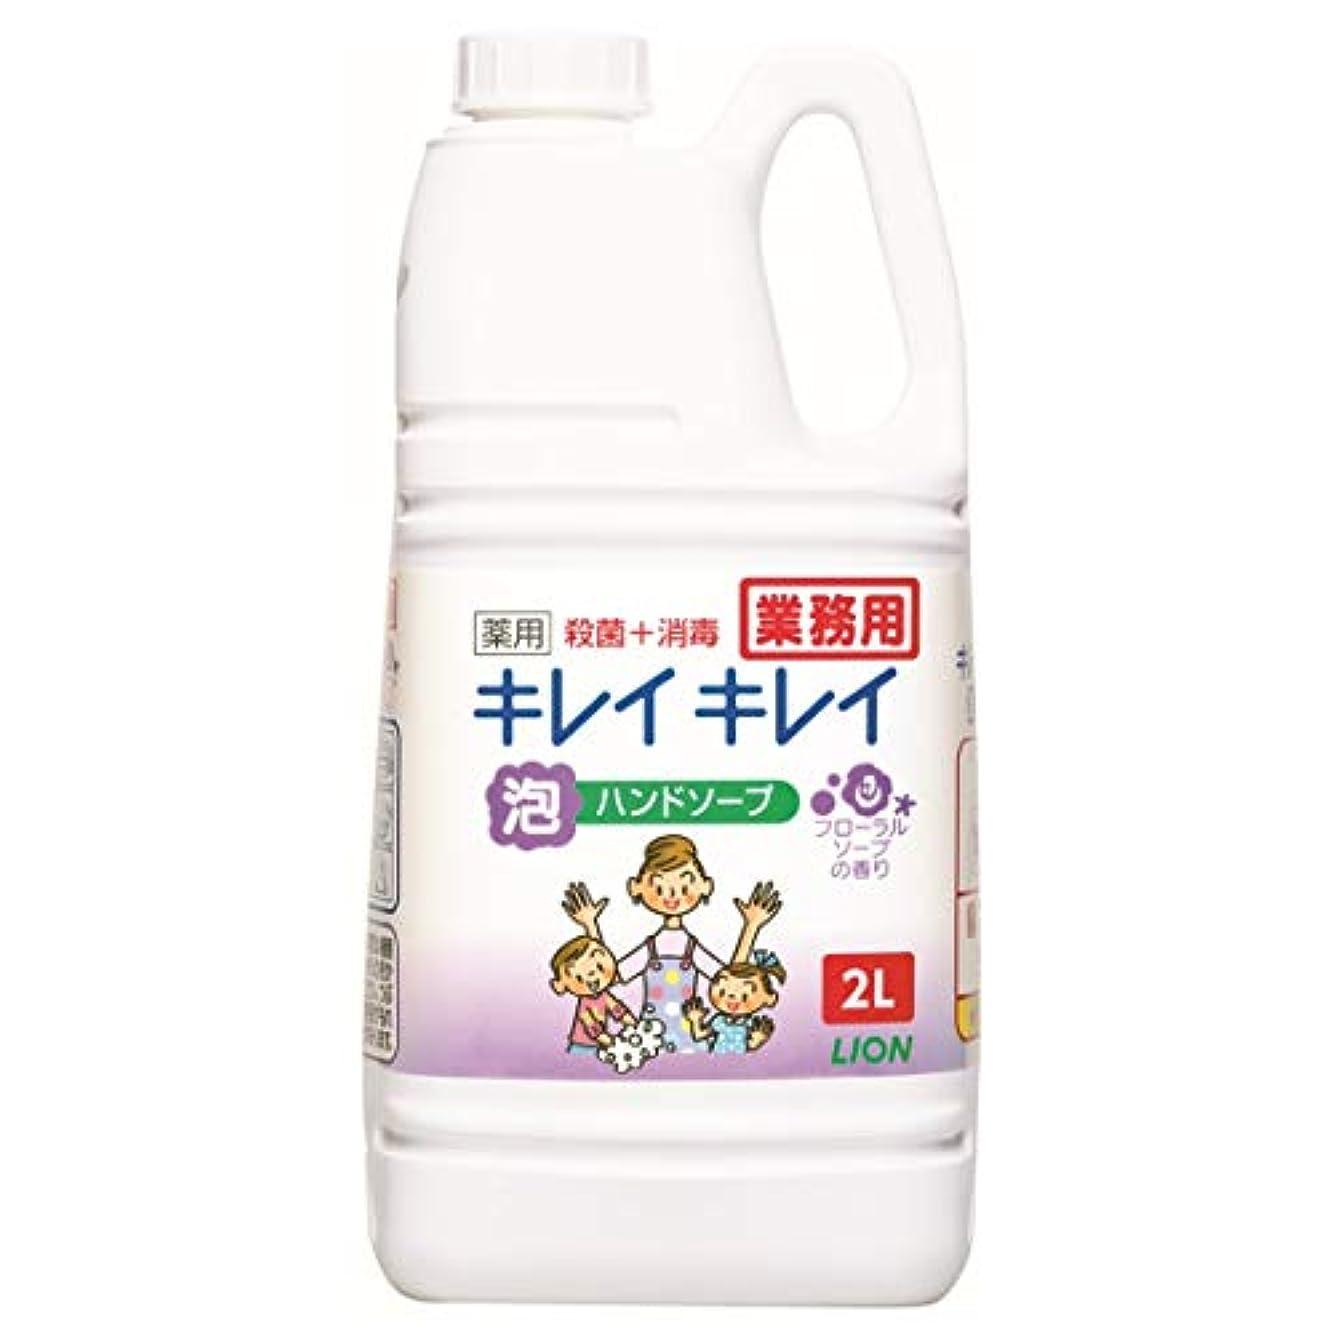 レガシーいたずら浸漬【大容量】キレイキレイ 薬用泡ハンドソープ フローラルソープの香り 2L